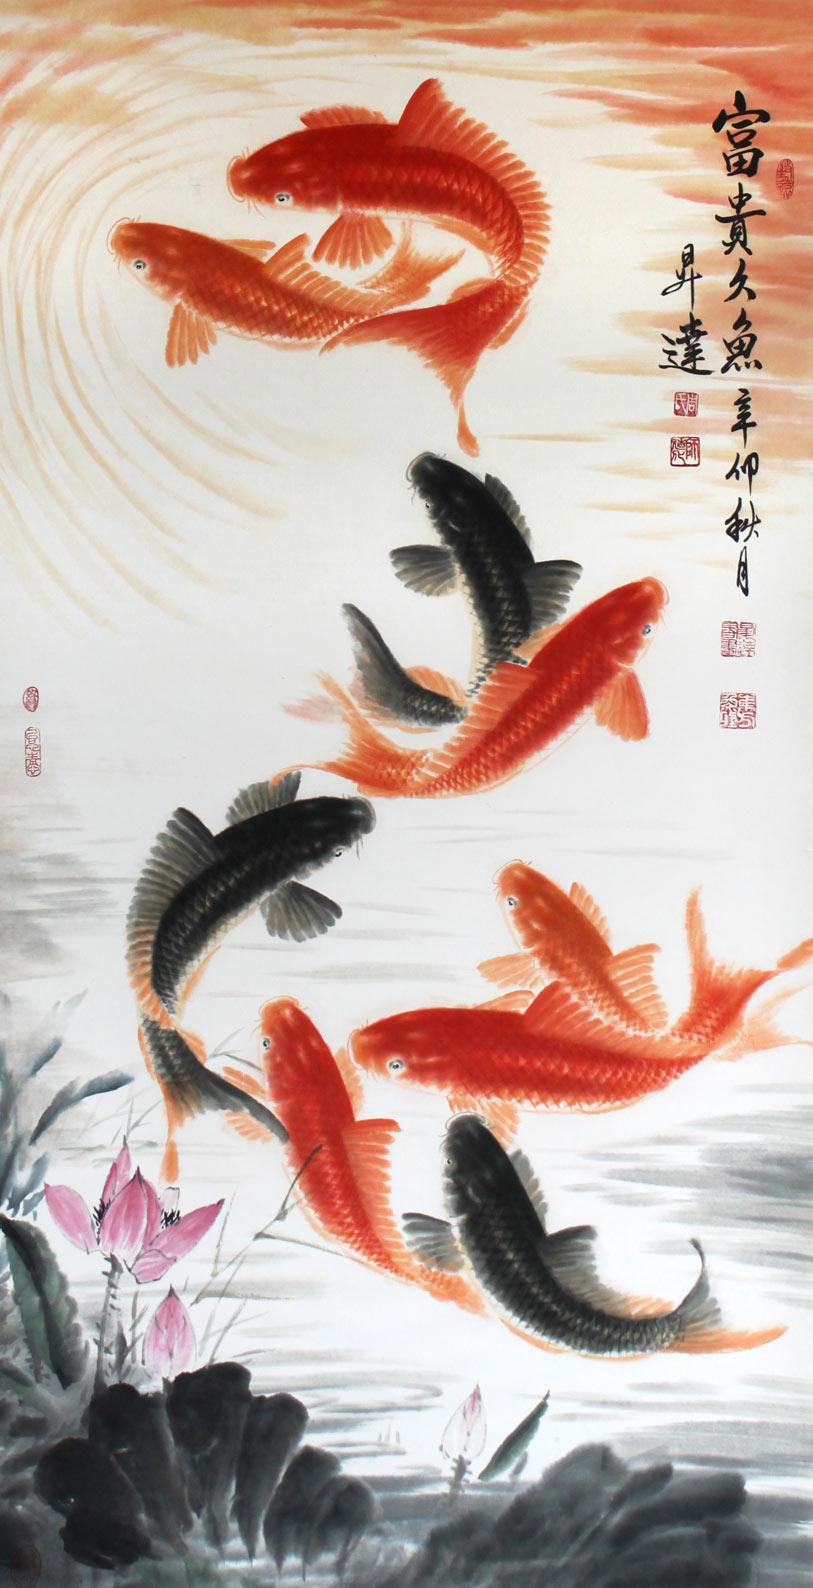 周升达,中国画院国画组长,中国书画研究会理事,国家一级美术师。 周先生是中国当代画坛画鱼的名家,他的鱼画具有极高的欣赏和收藏价值。 周先生,1953年出生于北京,自幼喜习绘画。1977年考入中国画院,专事绘画工作。1981年作品鱼跃图参加北京市工笔重彩国画展获二等奖;鱼水 情深参加北京群众美展获一等奖;富贵久鱼参加世界美术巡回展并获二等奖偶并被国家收藏。1985年后,在北京,天津,安徽,上海等美术出版社发表作 品百余幅,并多次赴美国,日本,新加坡参加中国年画展,获得国际朋友的好评。周先生为人谦和